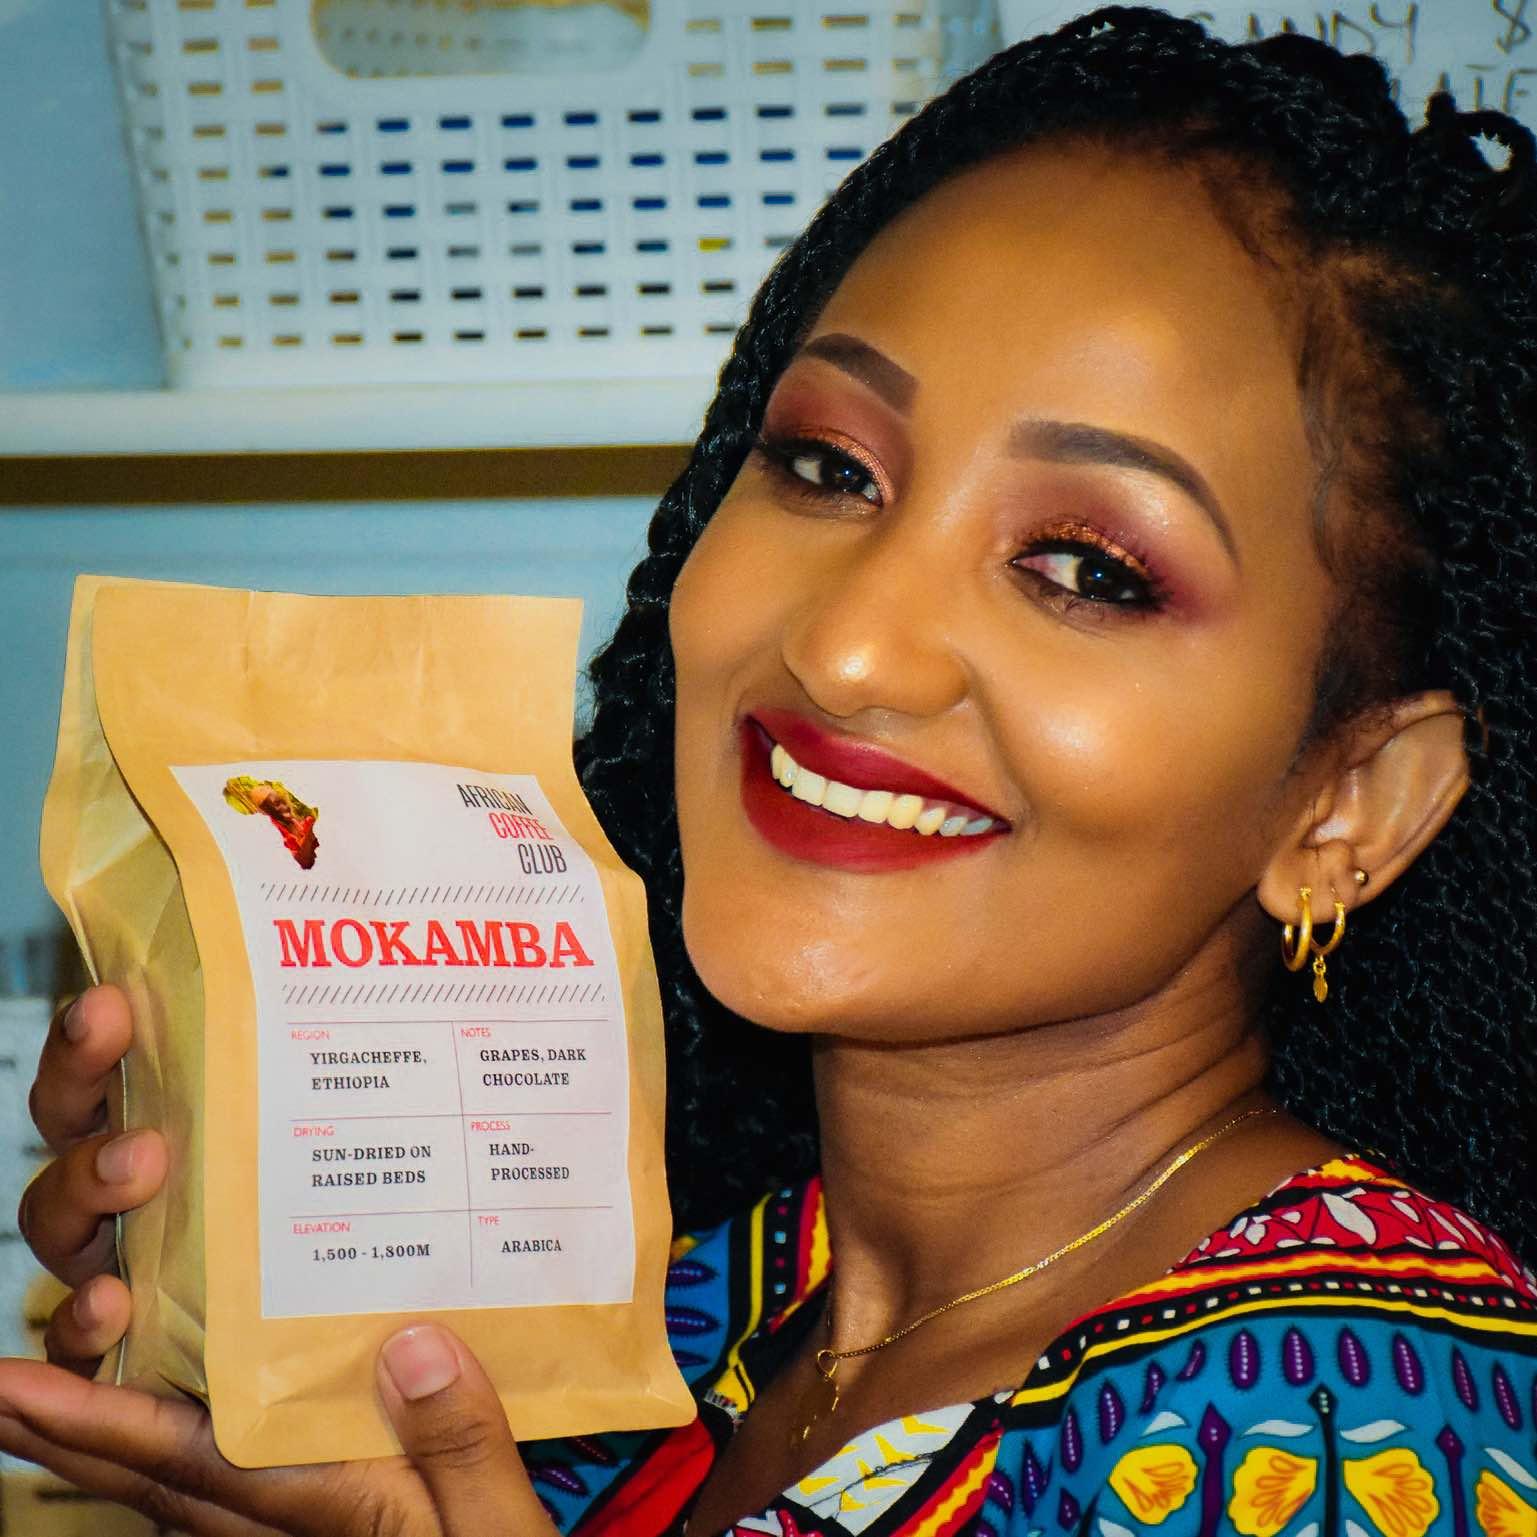 Mokamba Lady Holding Mokamba.jpg